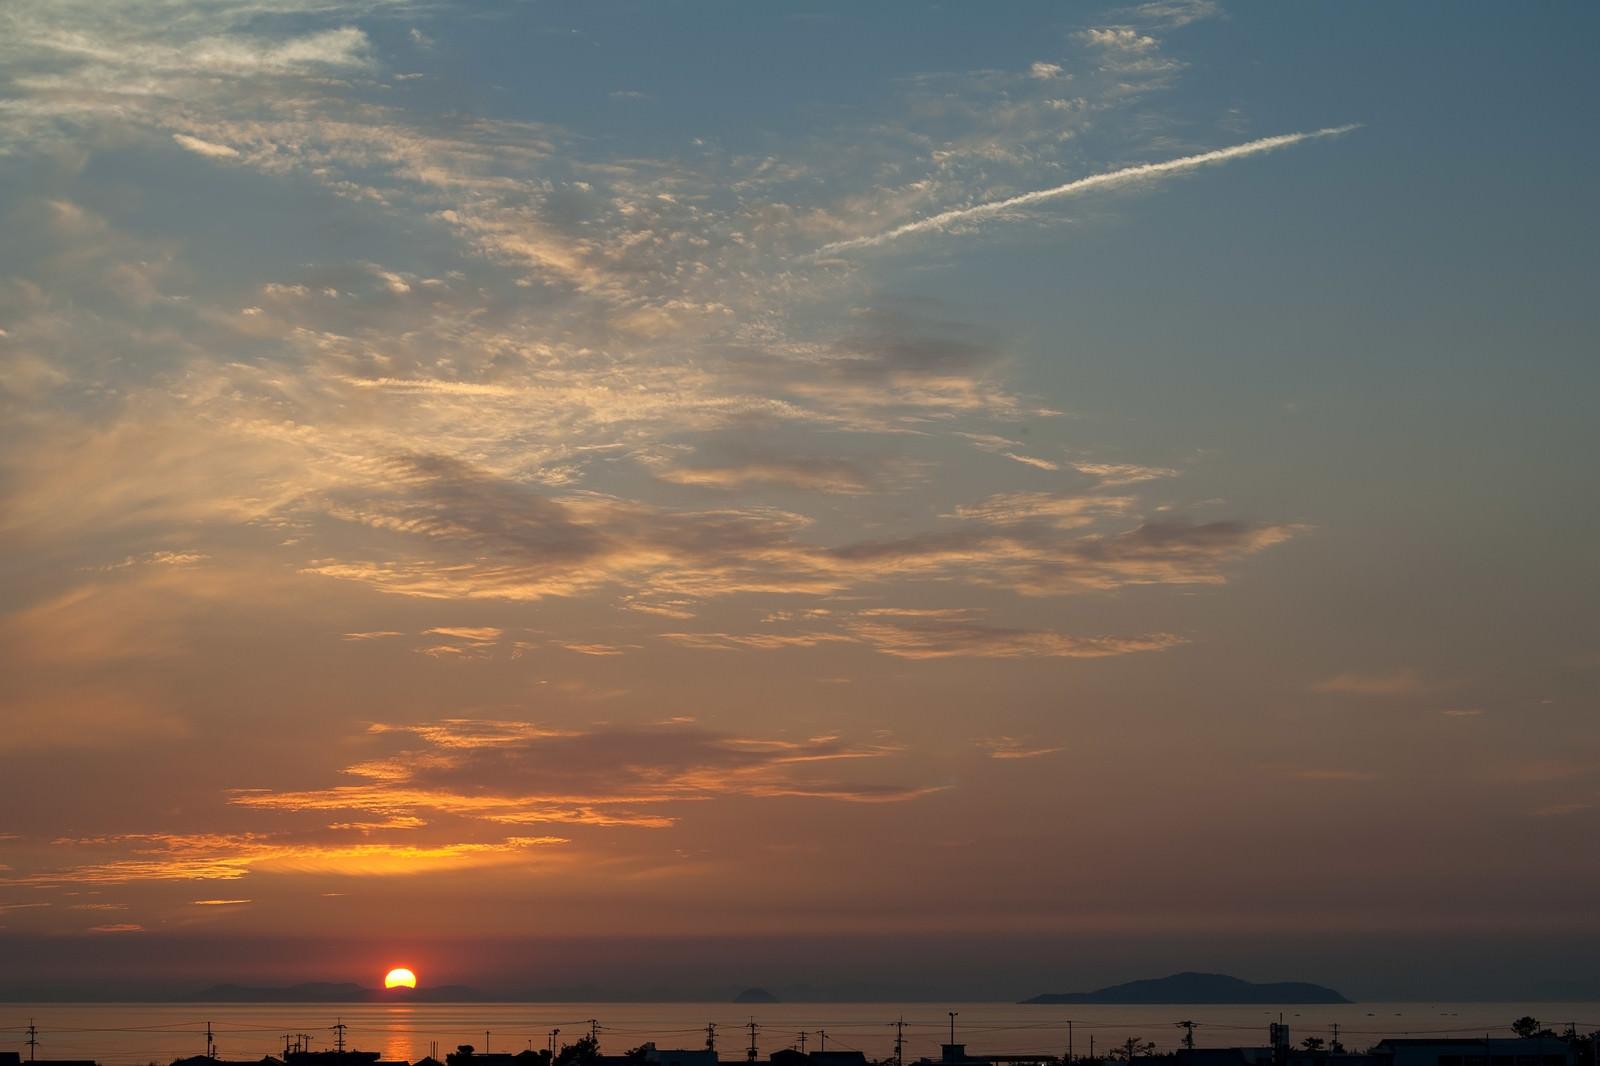 「日没の太陽と海岸沿い日没の太陽と海岸沿い」のフリー写真素材を拡大